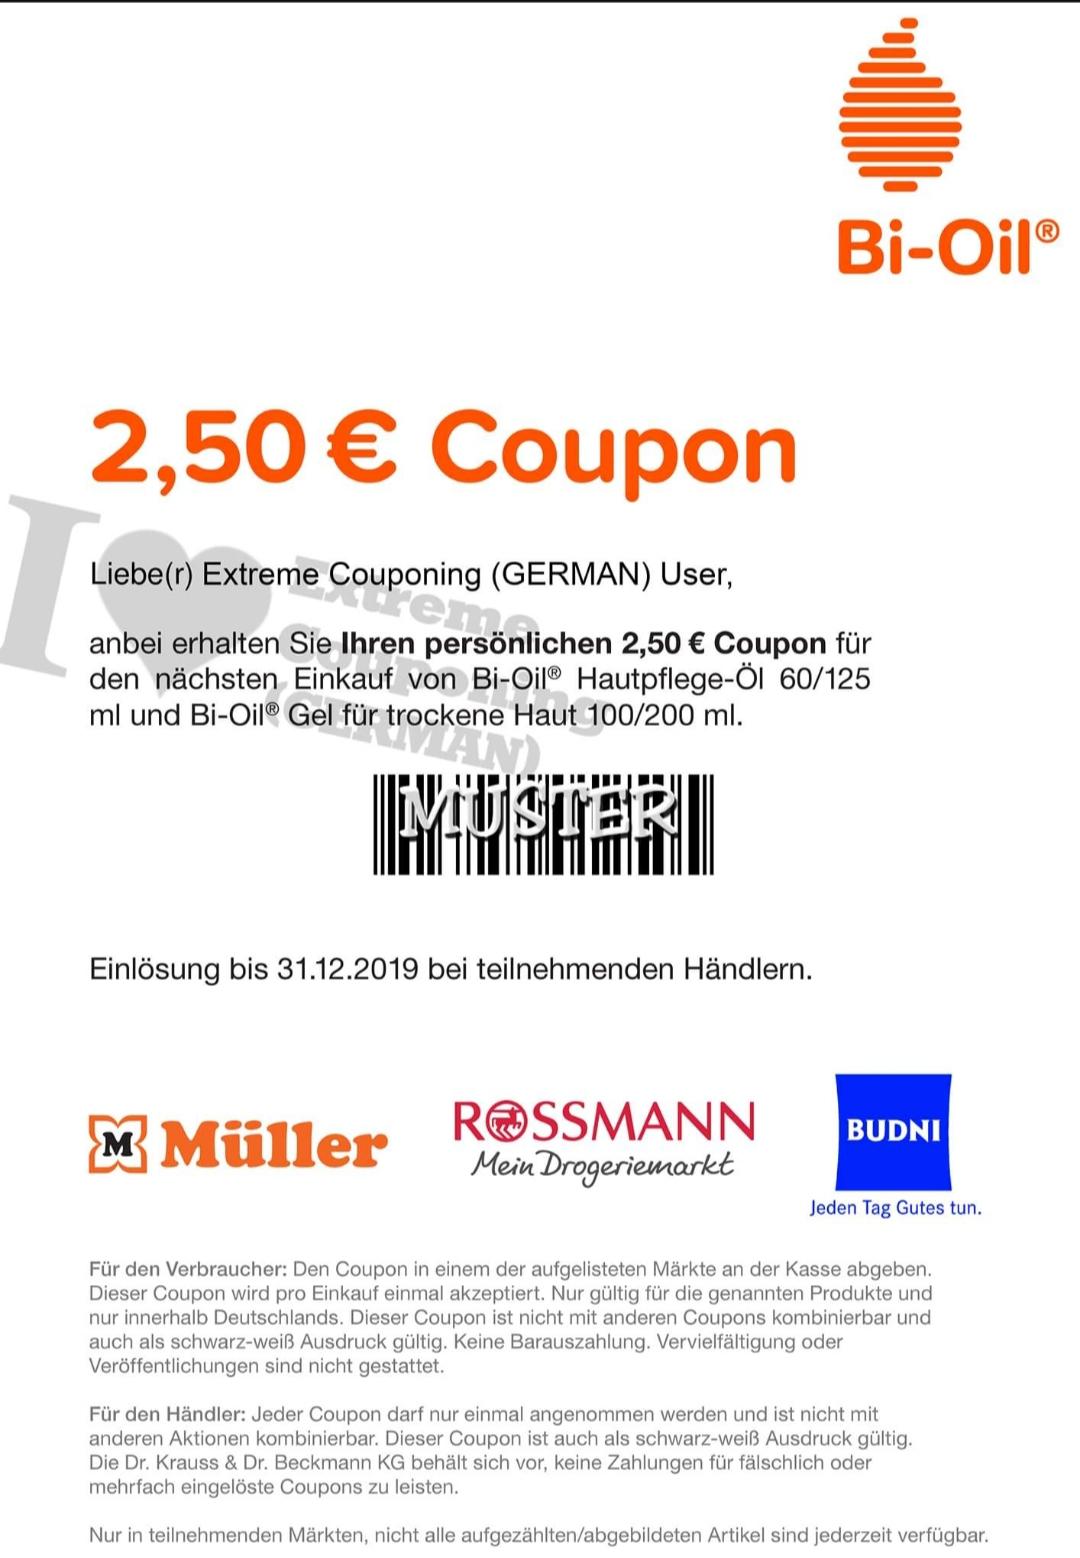 2.50 Euro Rabatt Coupon Bi-Oil